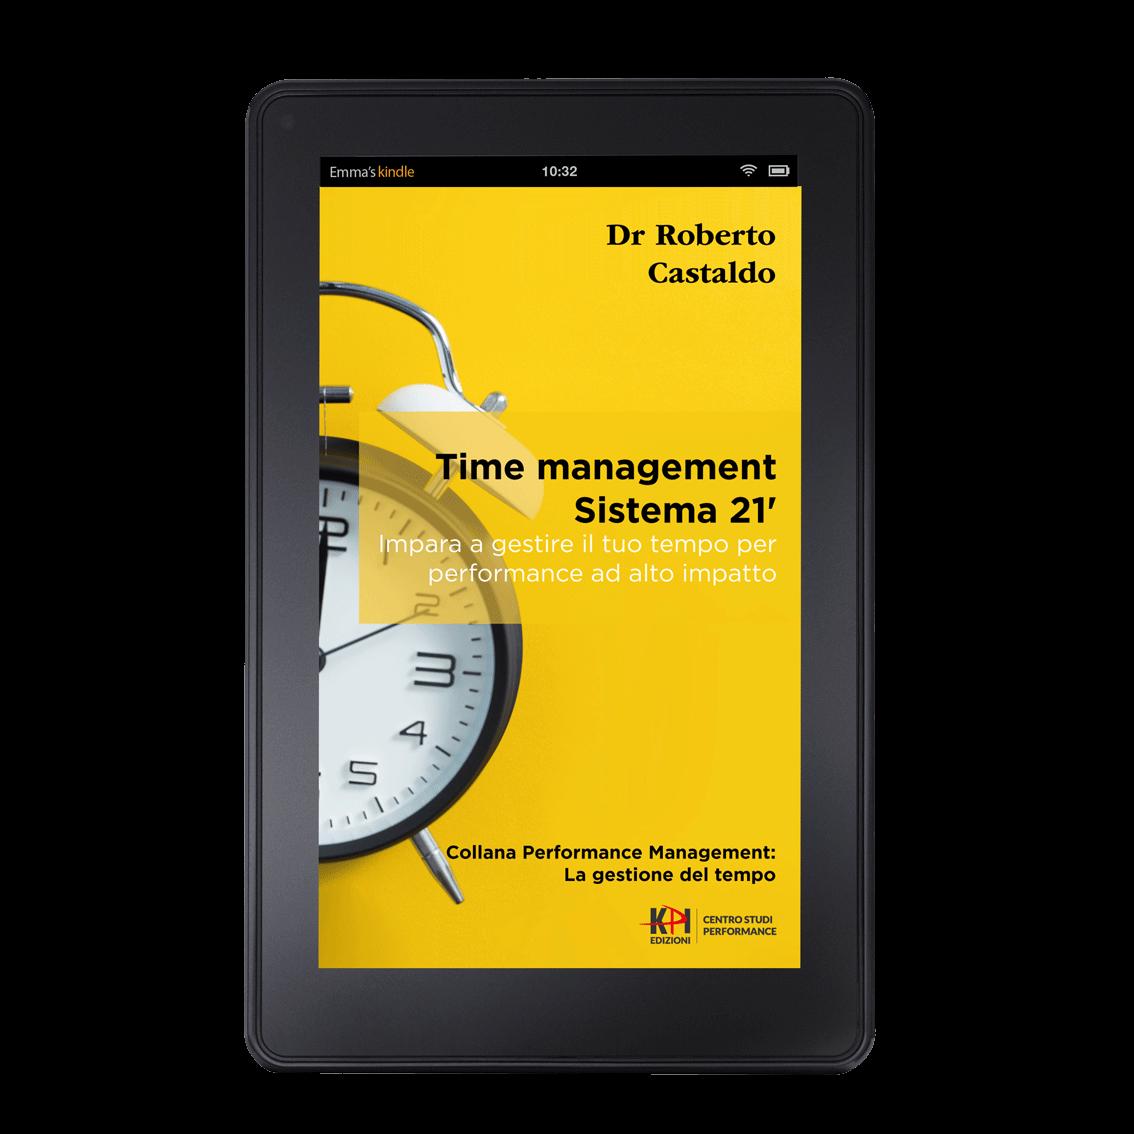 Time management sistema 21': Impara a gestire il tuo tempo per performance ad alto impatto (Performance Management gestione del tempo)